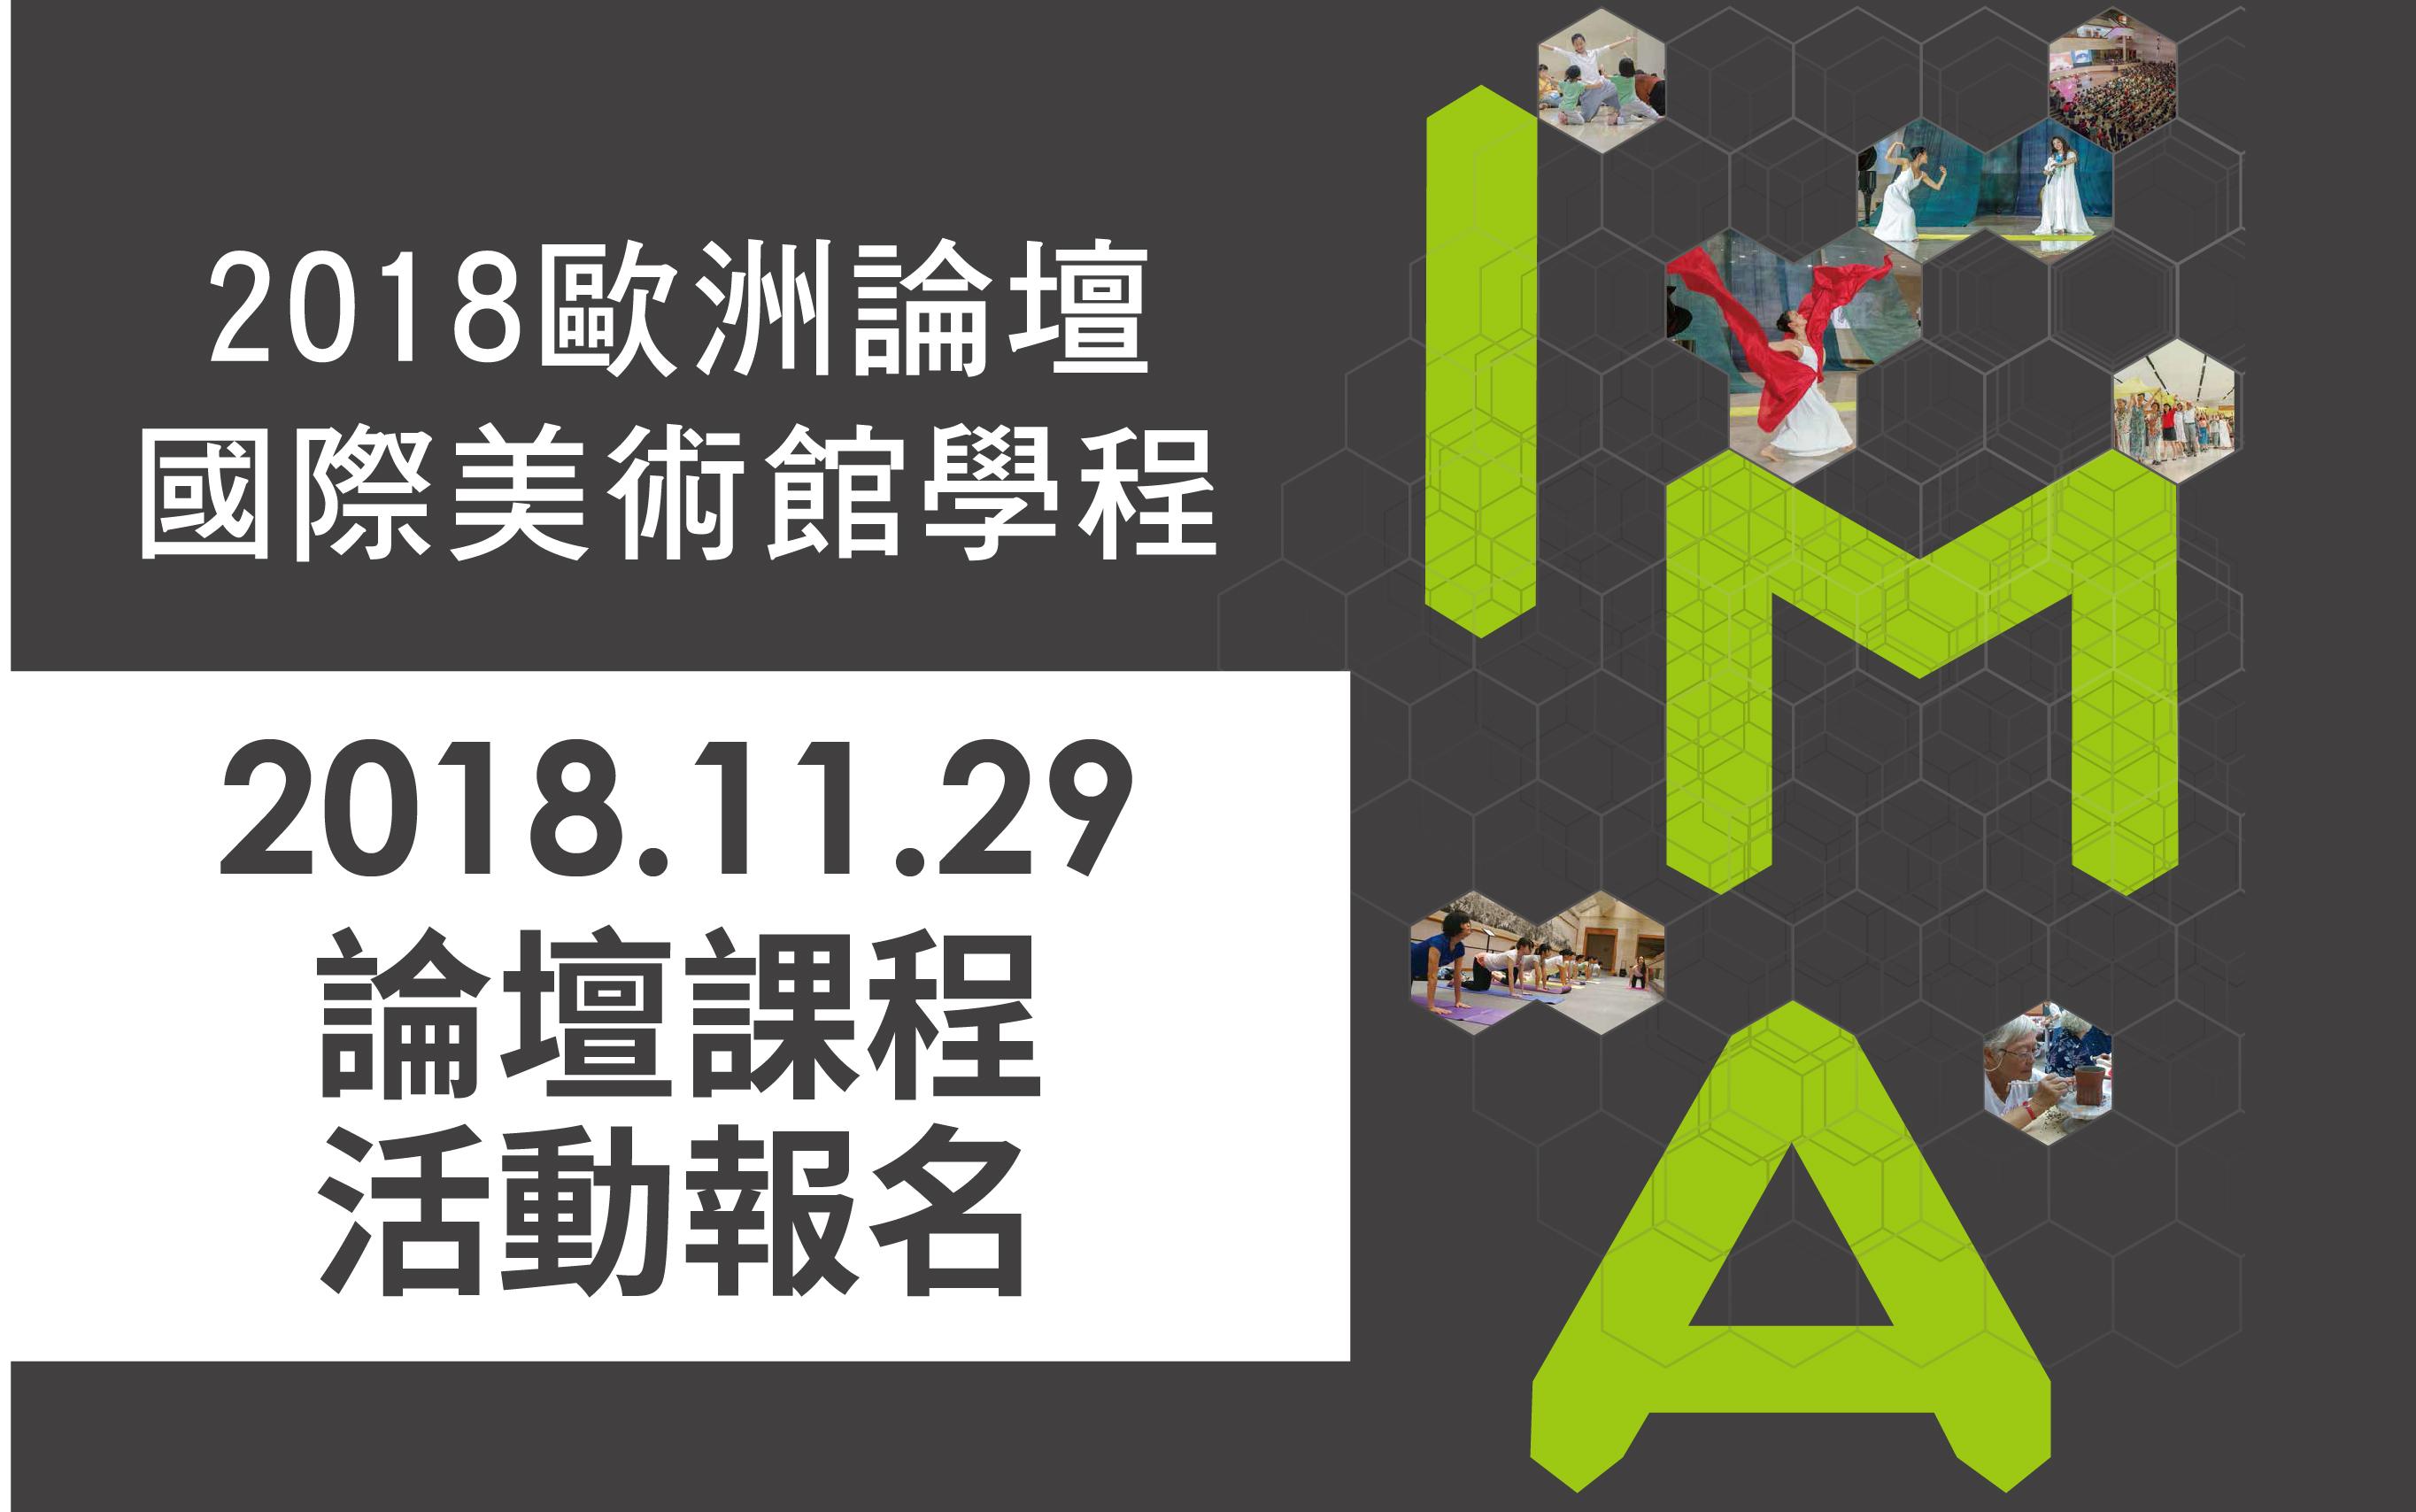 2018歐洲論壇-國際美術館學程<br/> 11/29(四)論壇課程